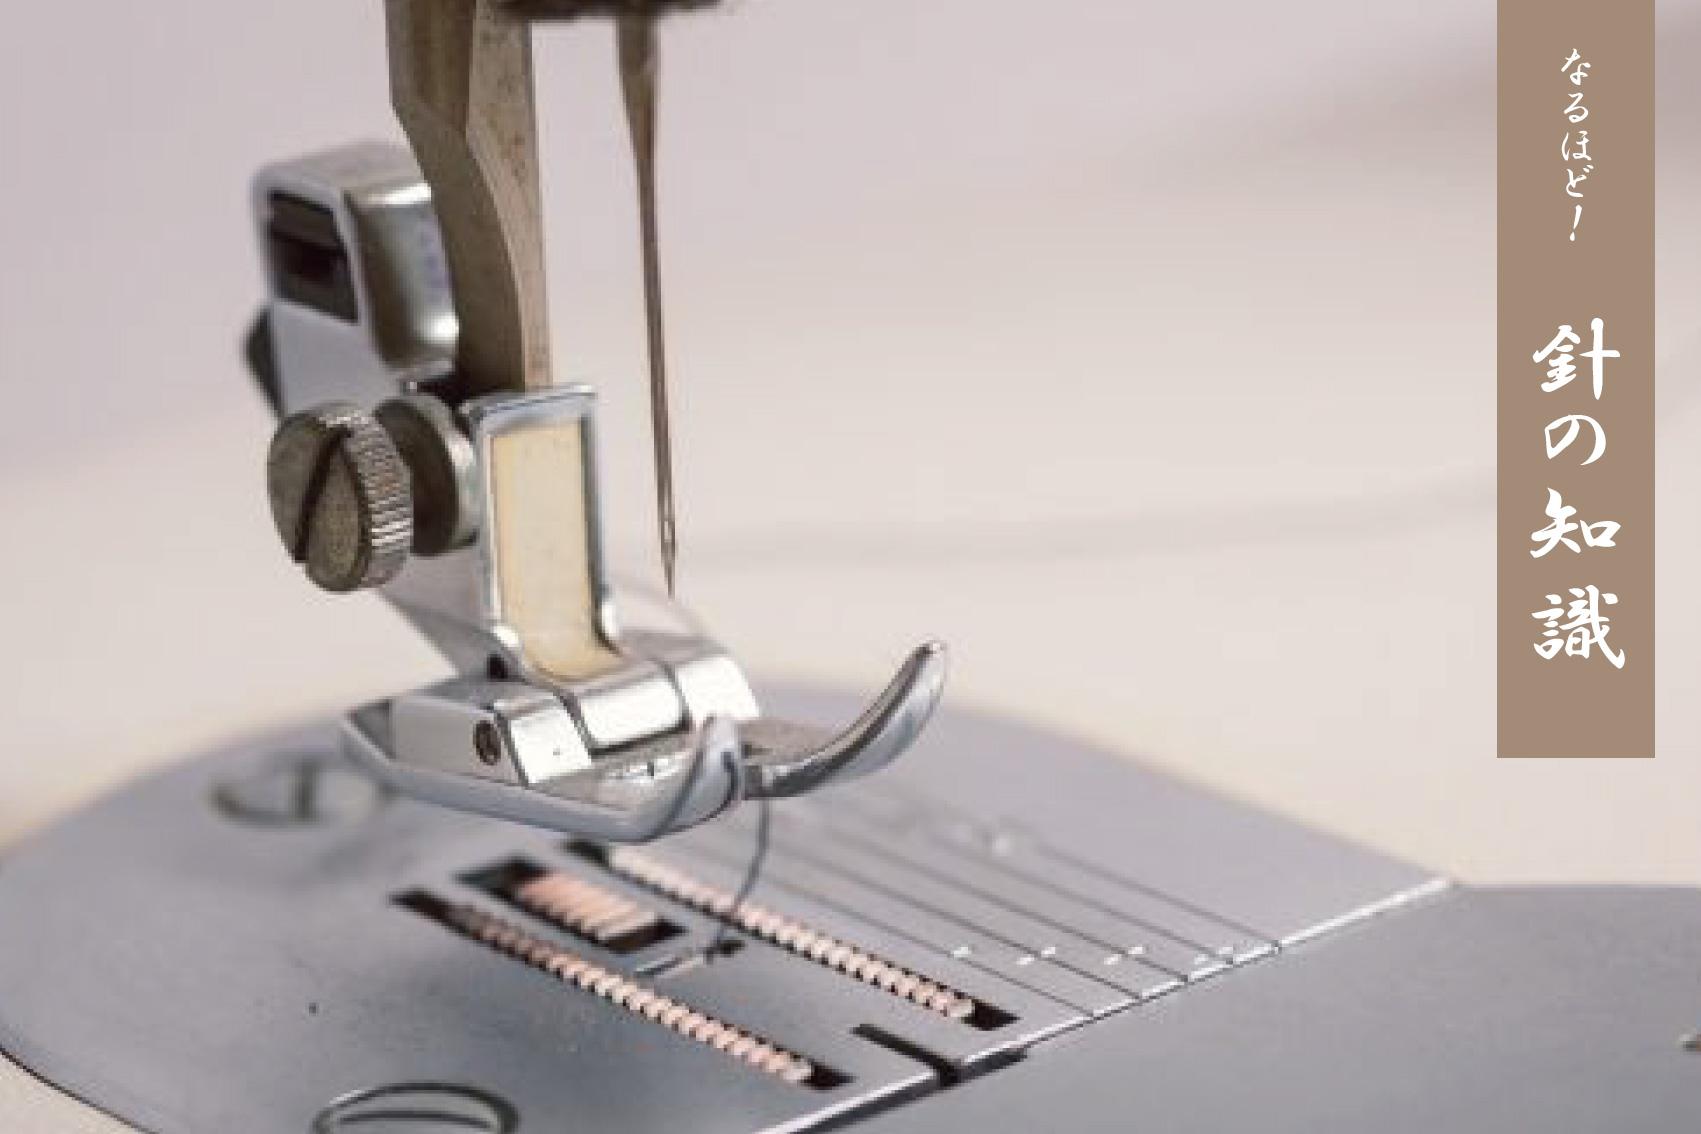 オルガン針株式会社が運営するミシンユーザーのための情報発信型通販サイトArt Stitch Room Powered by ORGAN NEEDLE CO.,LTD.(アートスティッチルーム)|【針の知識】ミシン針交換していますか?